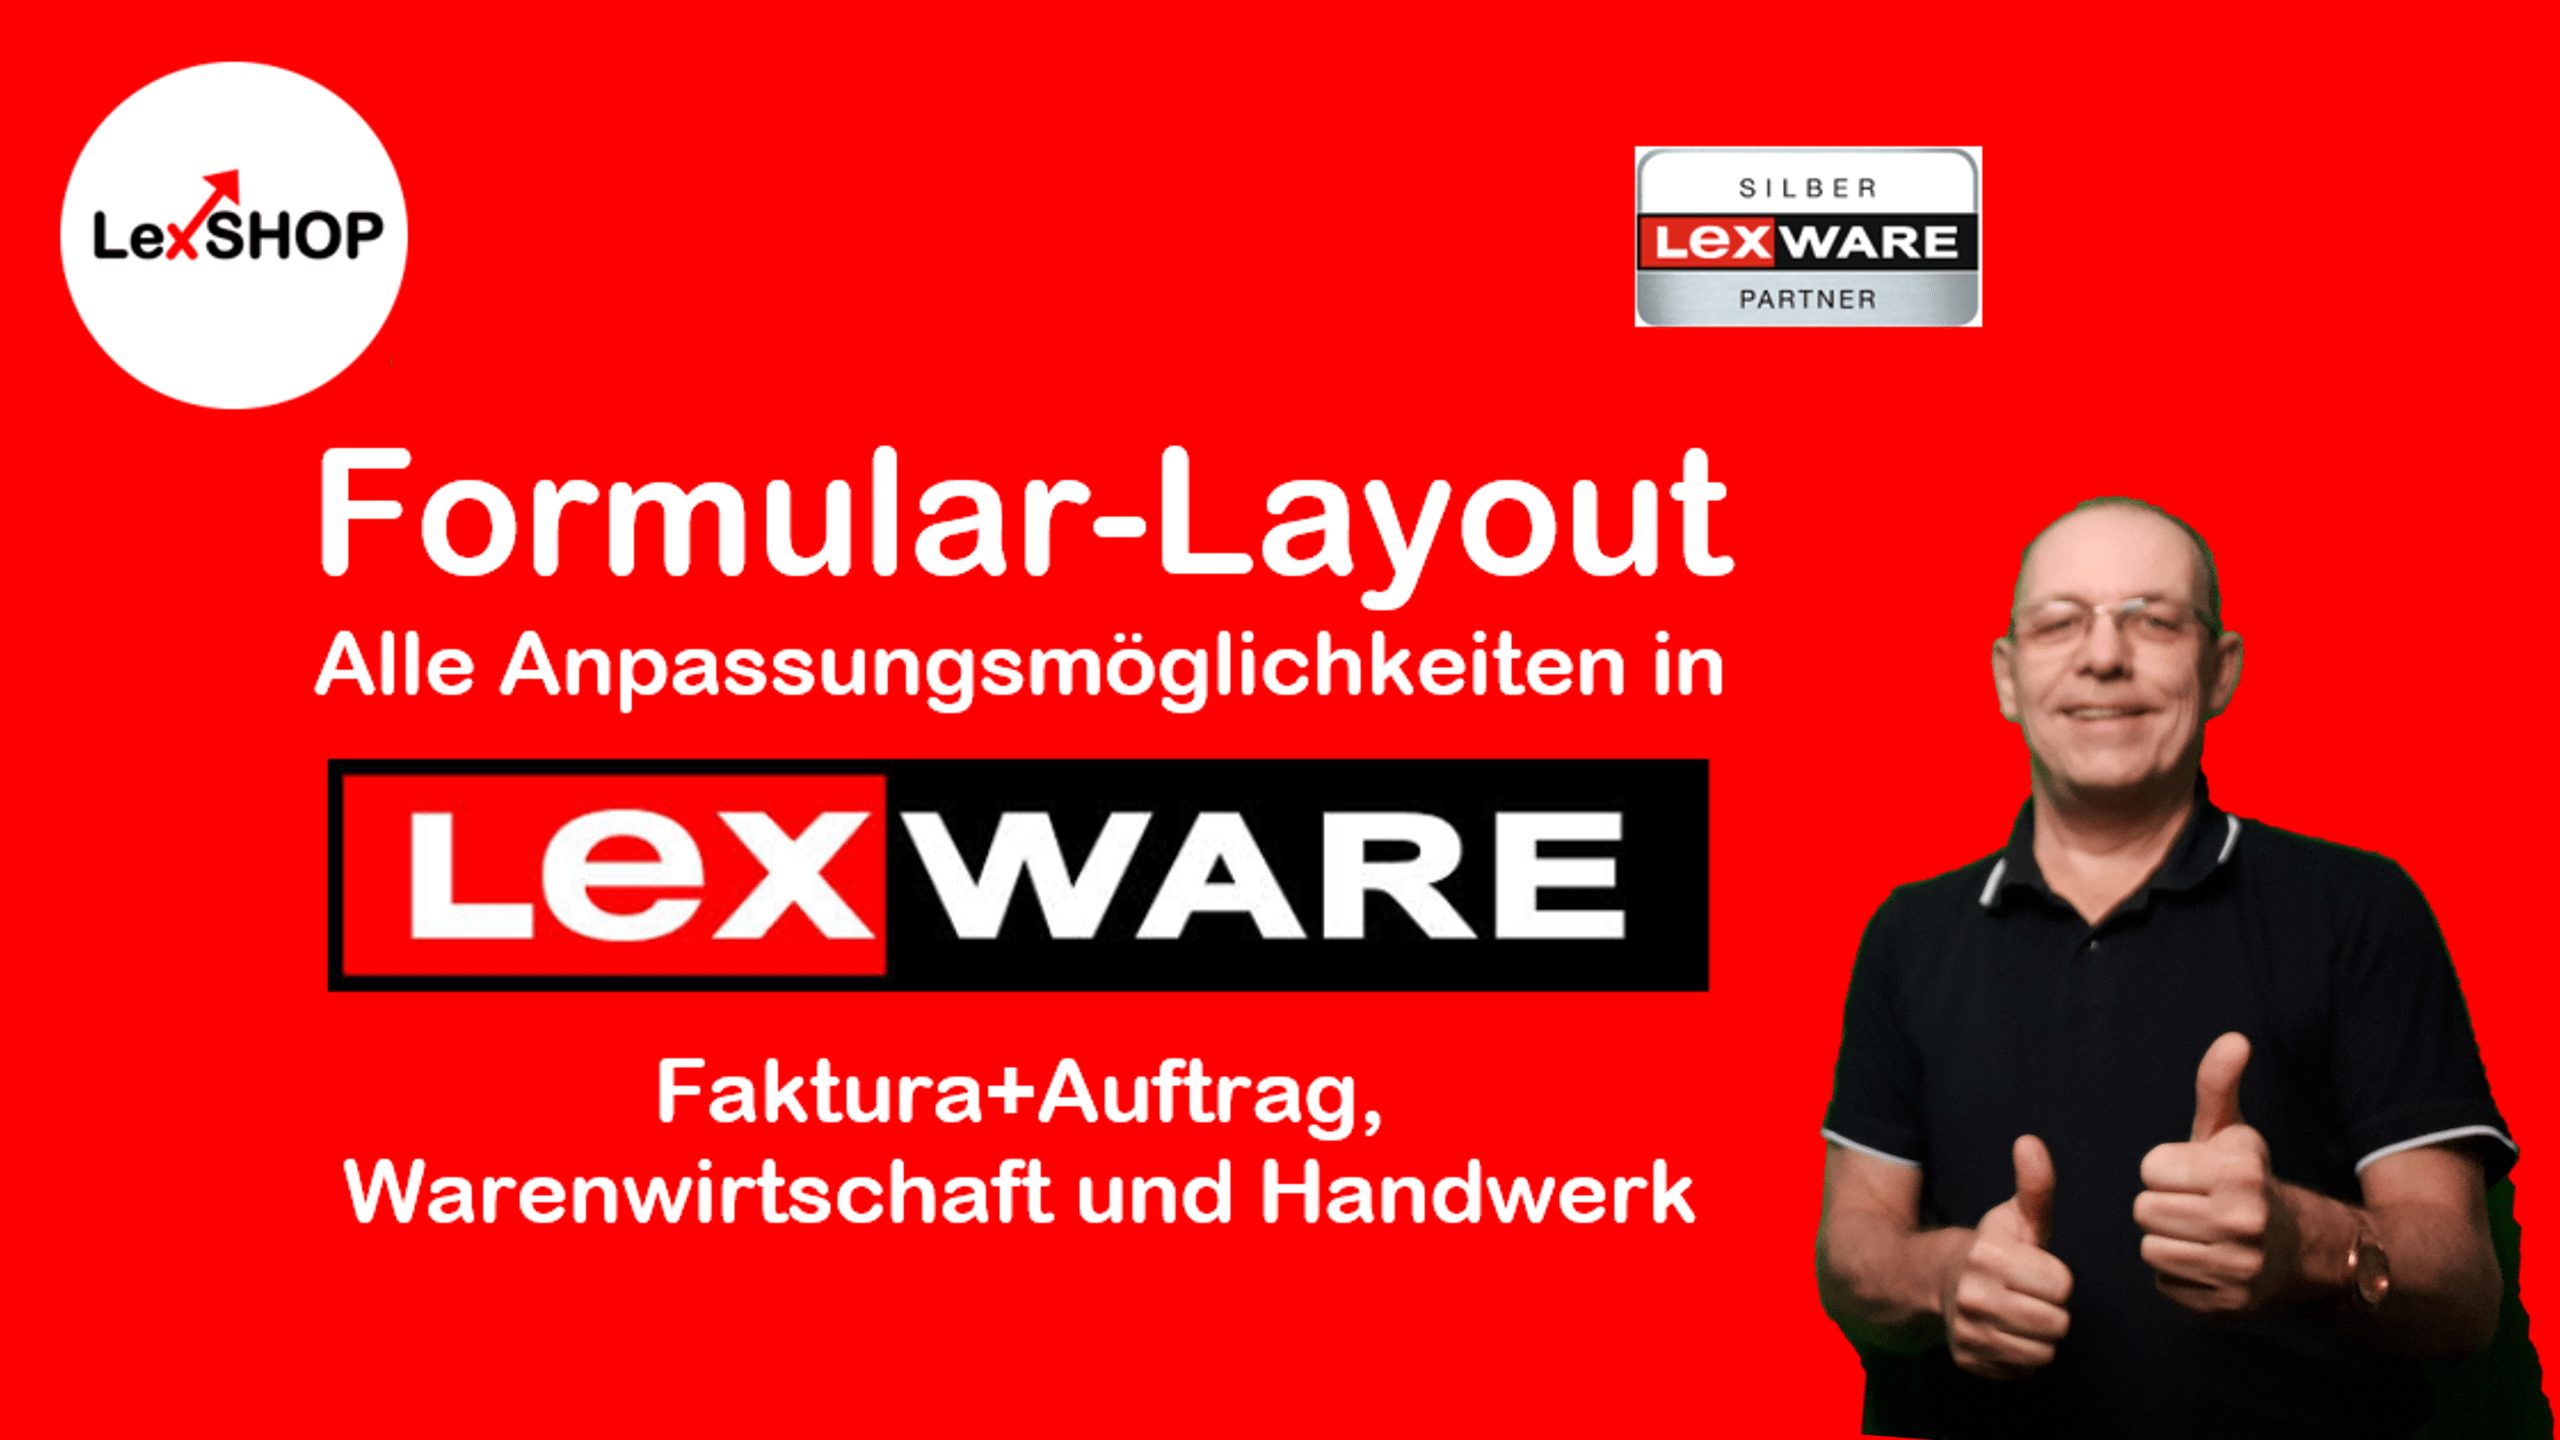 Lexware Formular-Verwaltung: Alle Einstell-Möglichkeiten in faktura, warenwirtschaft und Handwerk